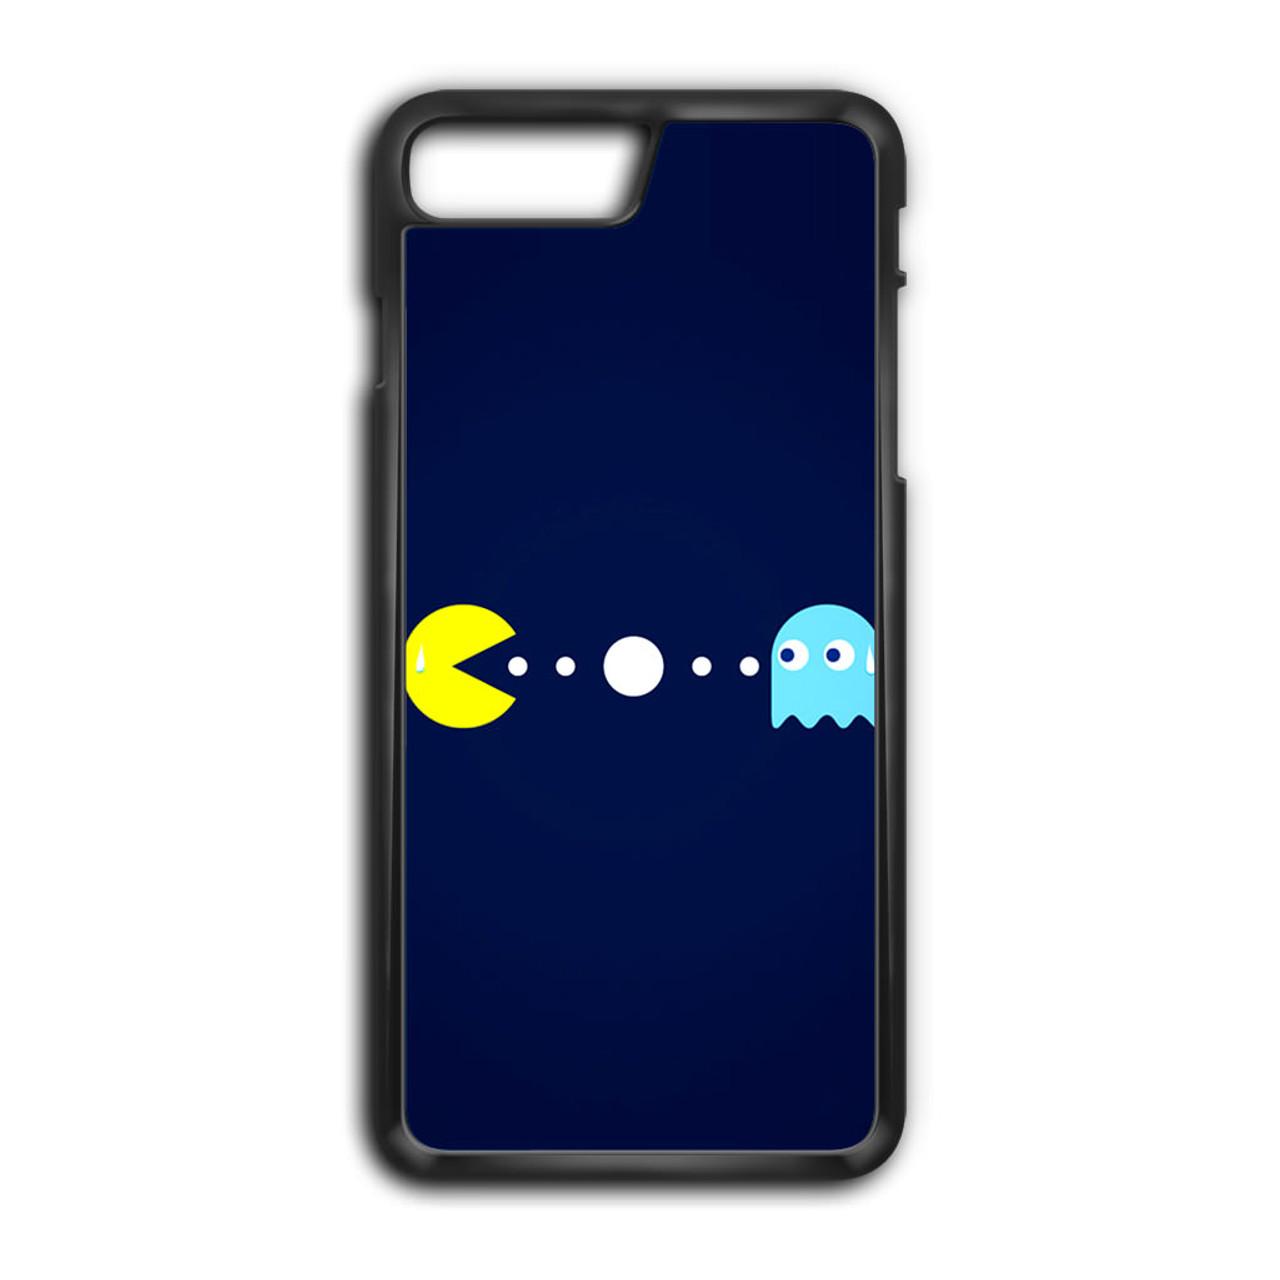 reputable site 2692d 297b8 Pacman Vintage iPhone 8 Plus Case